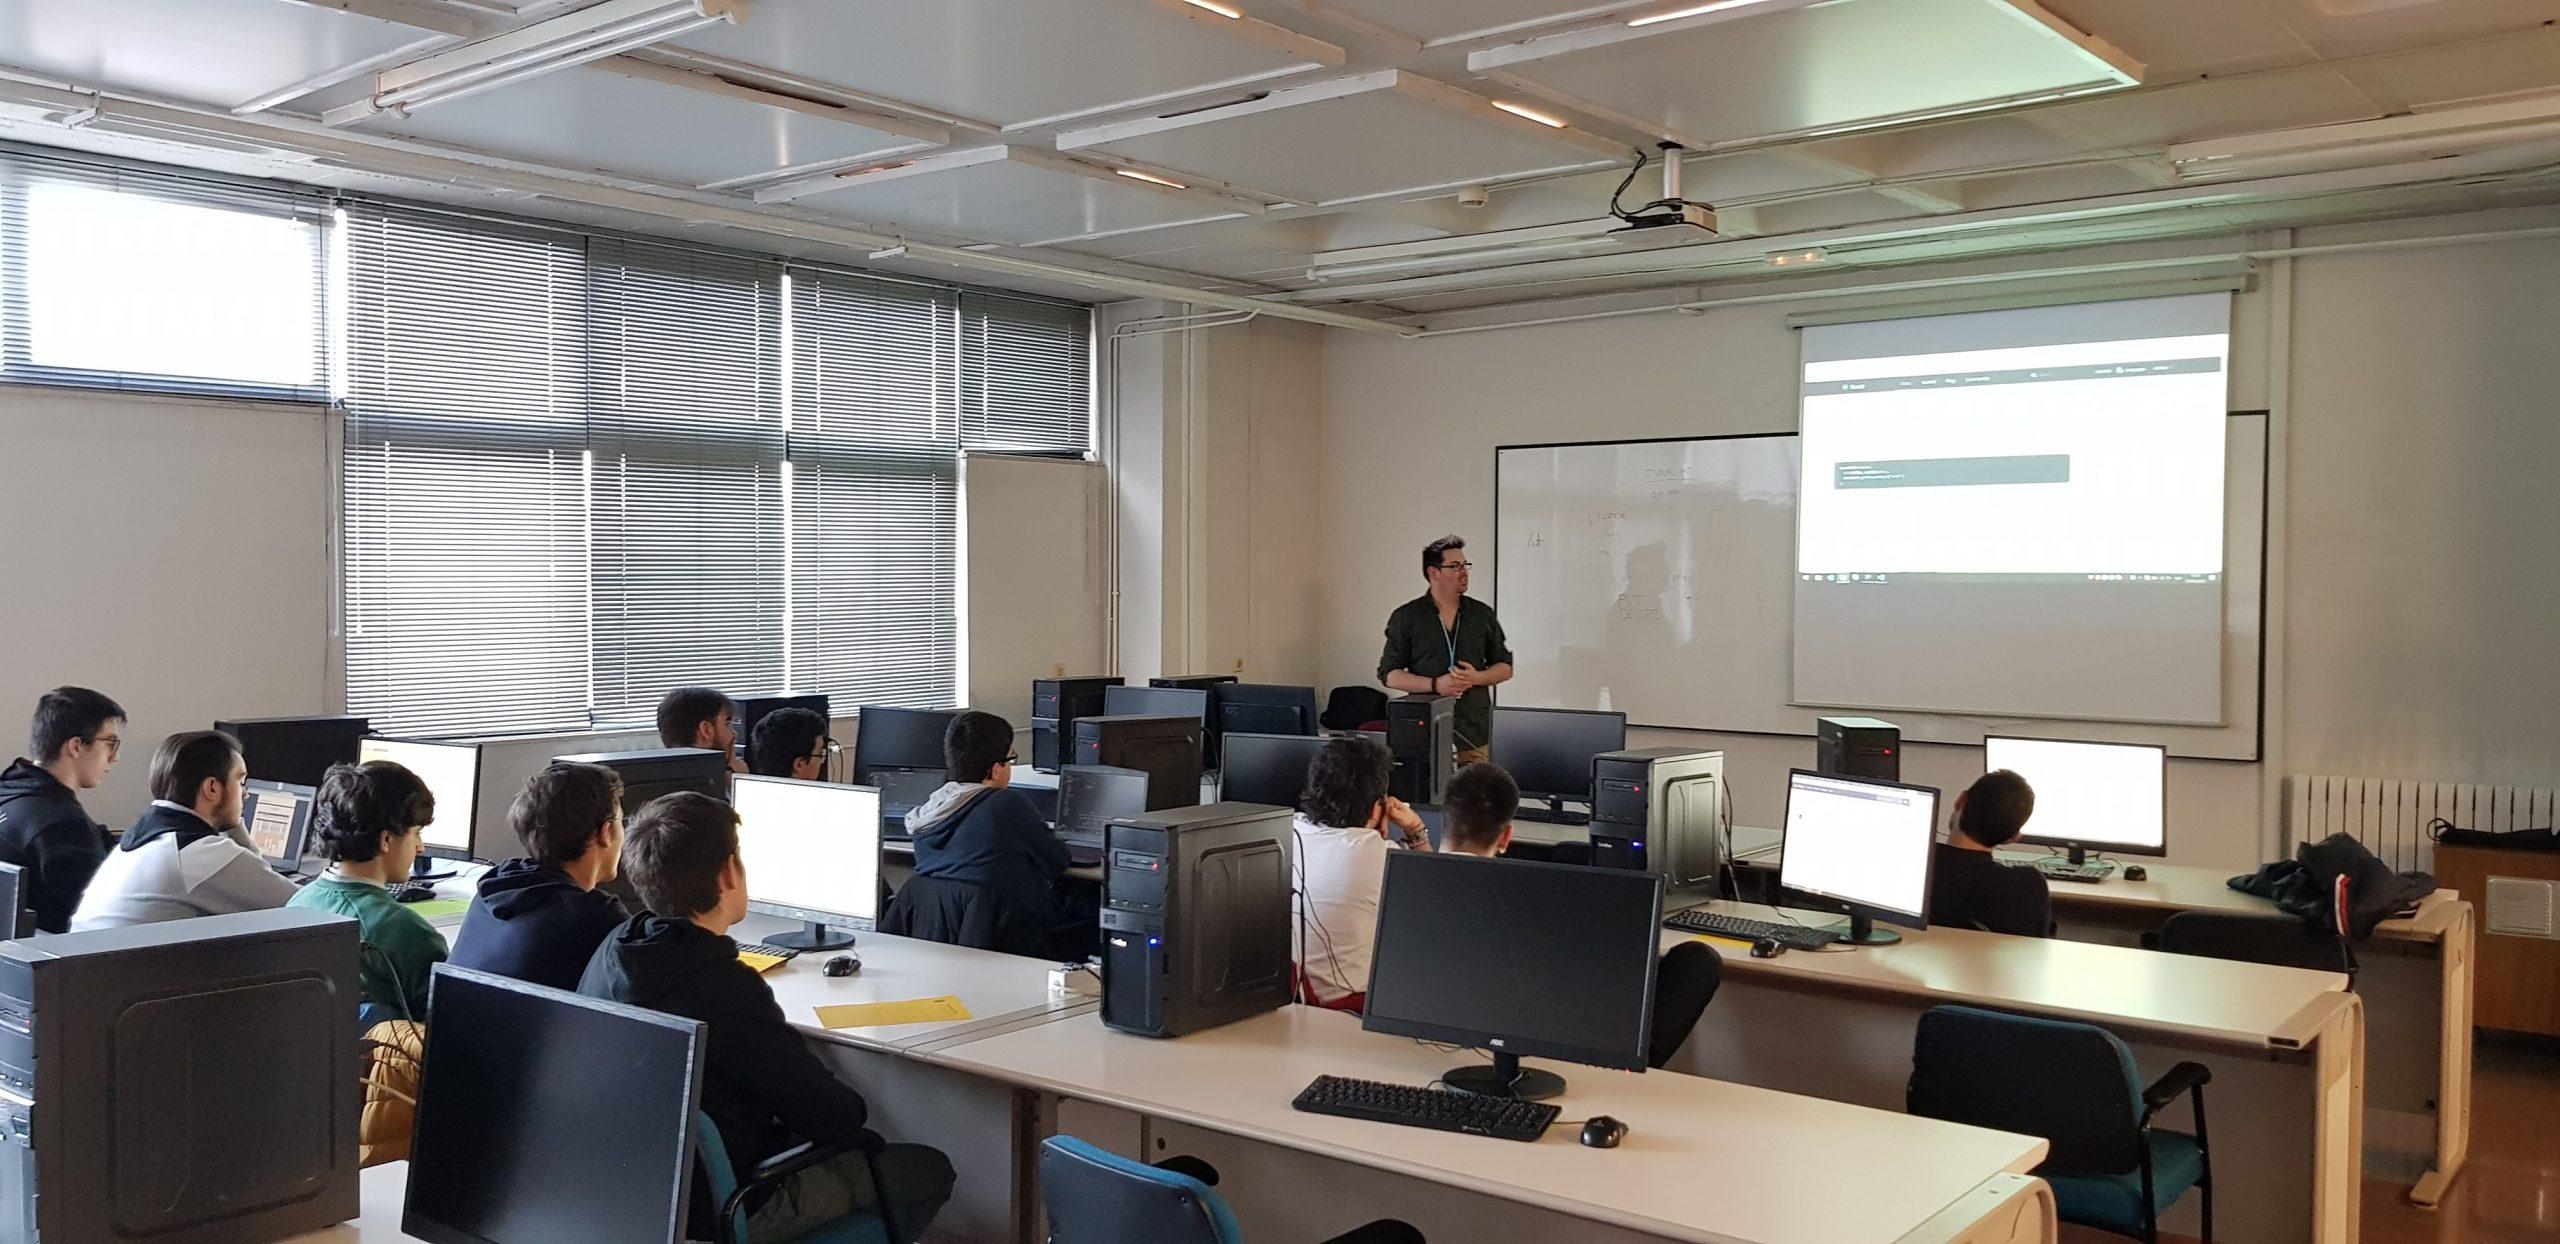 taller en la Universidad de Burgos